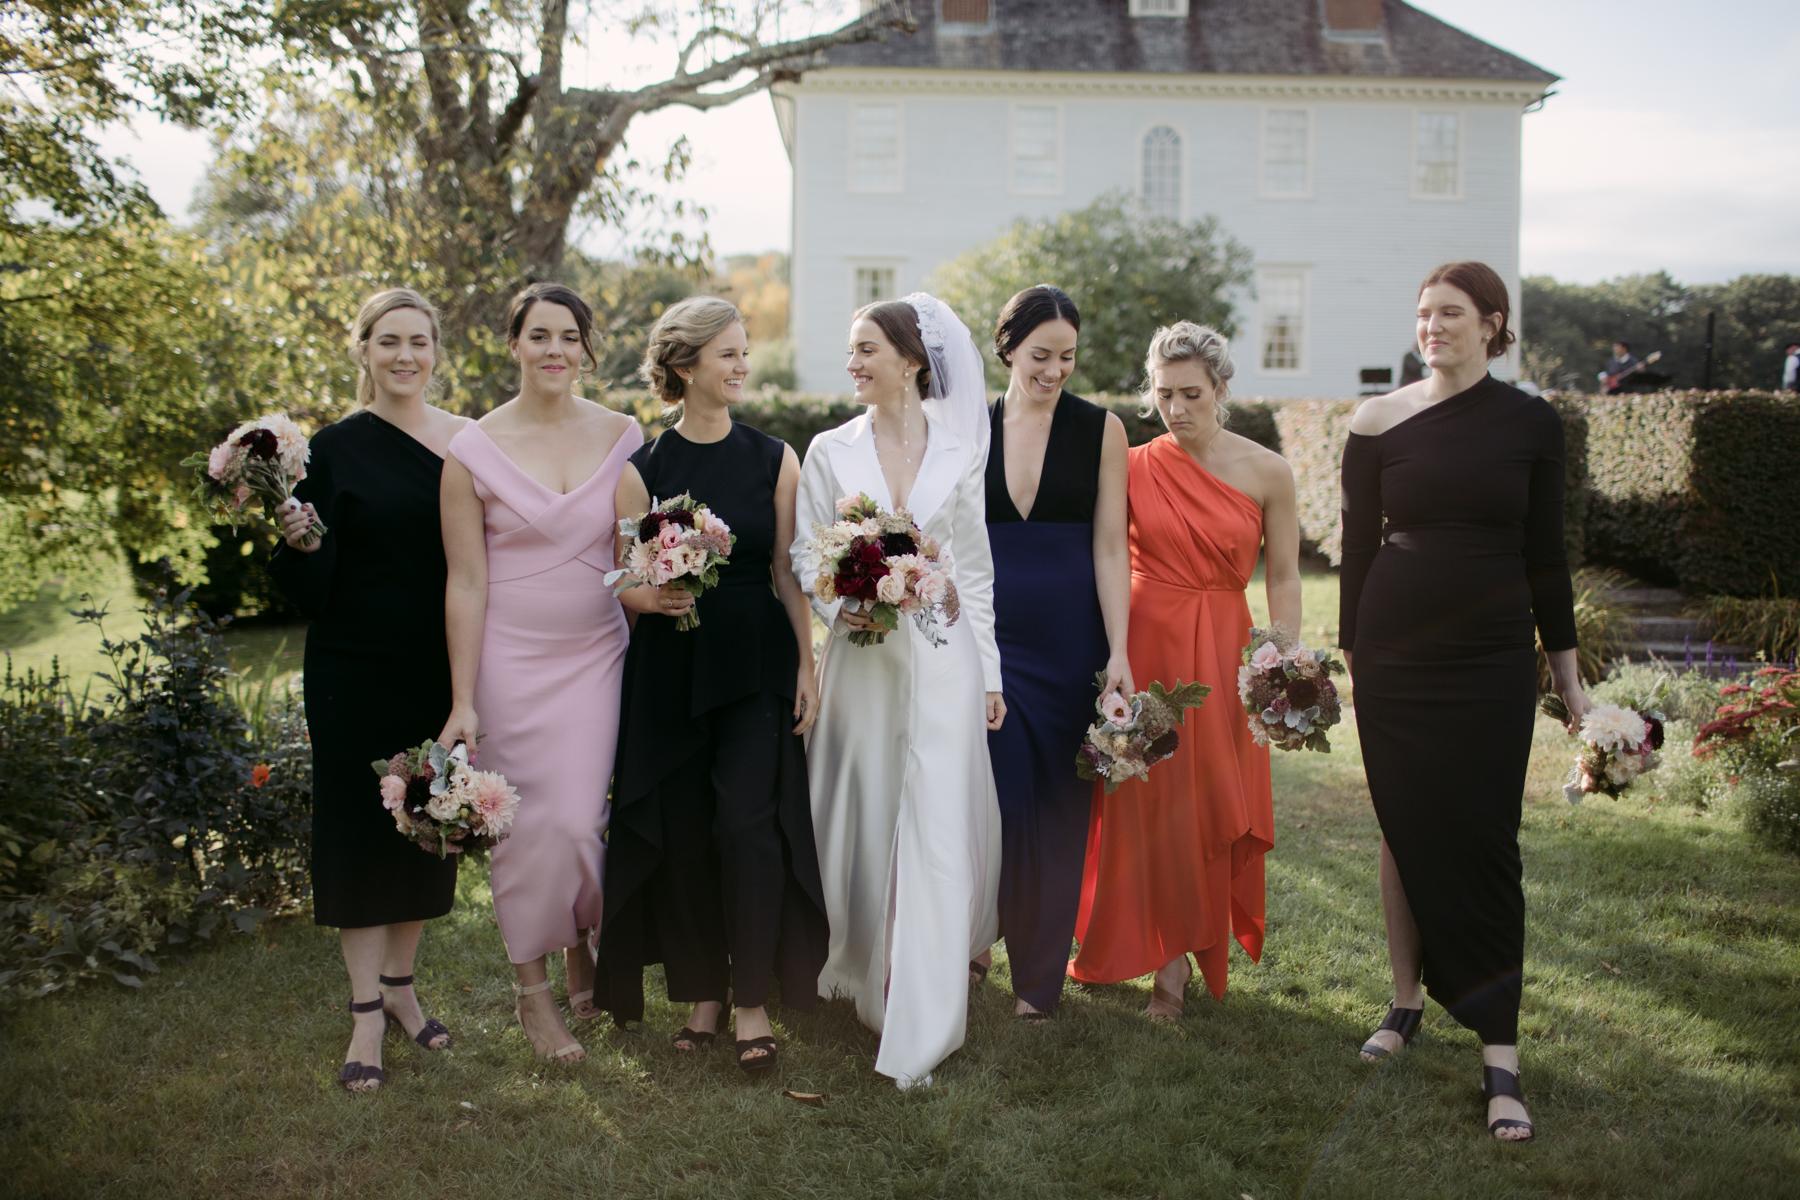 Hamilton_House_wedding_maine_Leah_Fisher_Photography-11.jpg